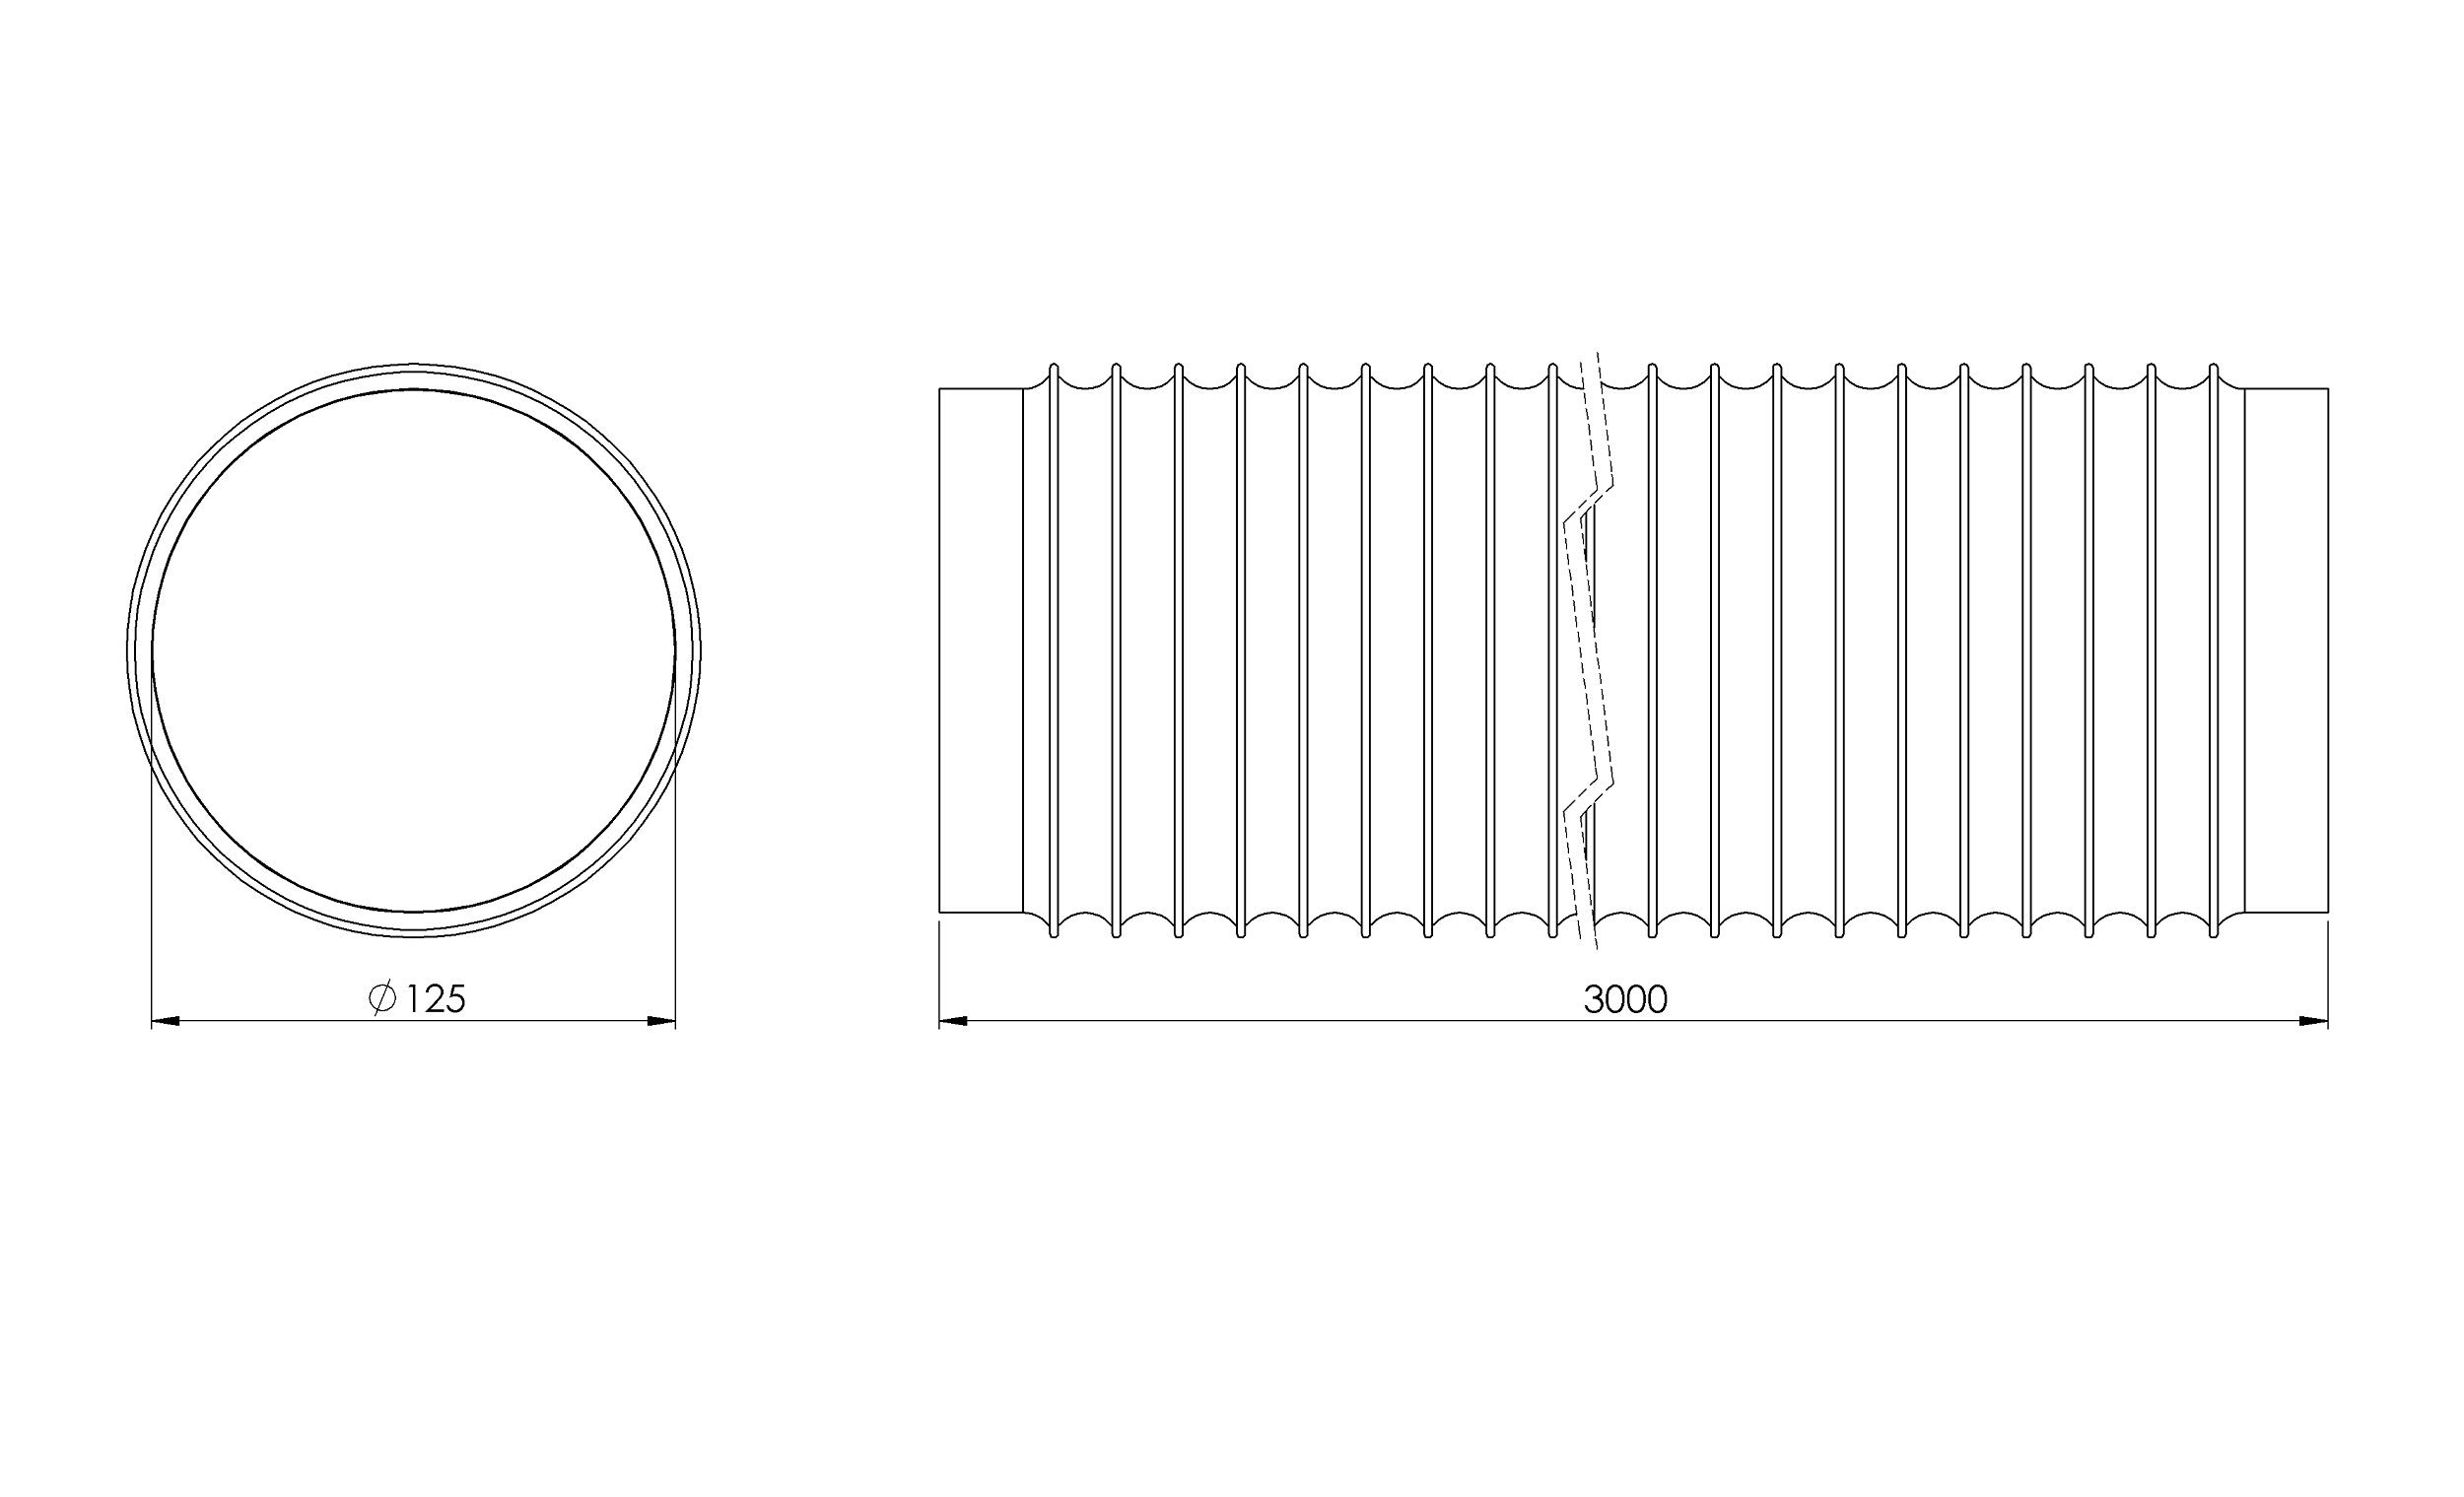 Tubo de salida de aire de 125 mm de diámetro, color negro, 3 m de longitud con aislamiento de aluminio, para secadora, aire acondicionado, campana extractora, tubo flexible de aluminio/PVC: Amazon.es: Grandes